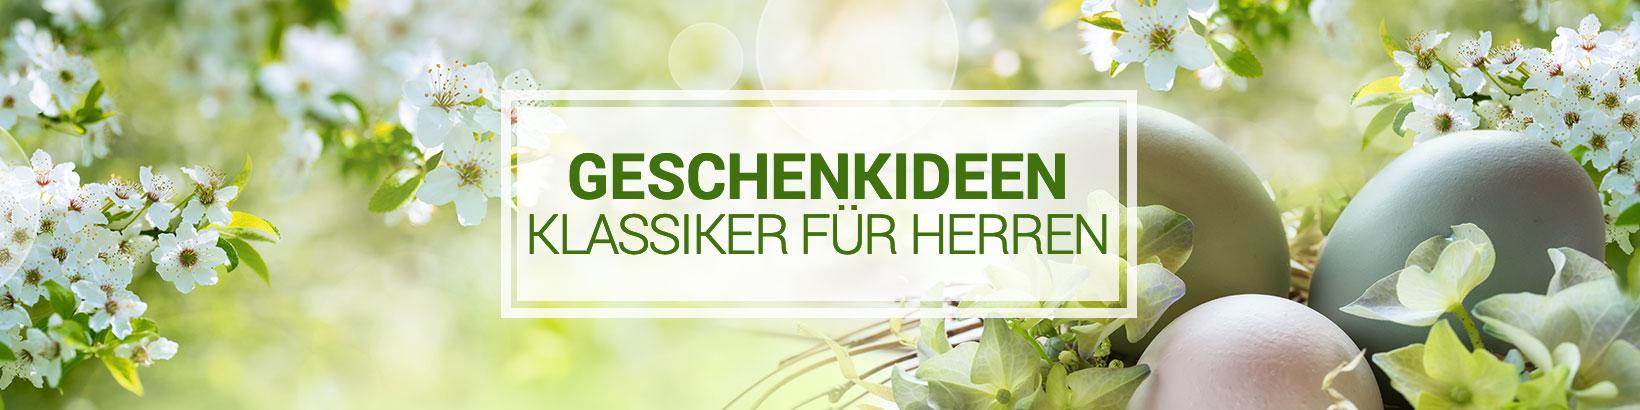 Visual-1640x410-Ostern-Klassiker-Herren